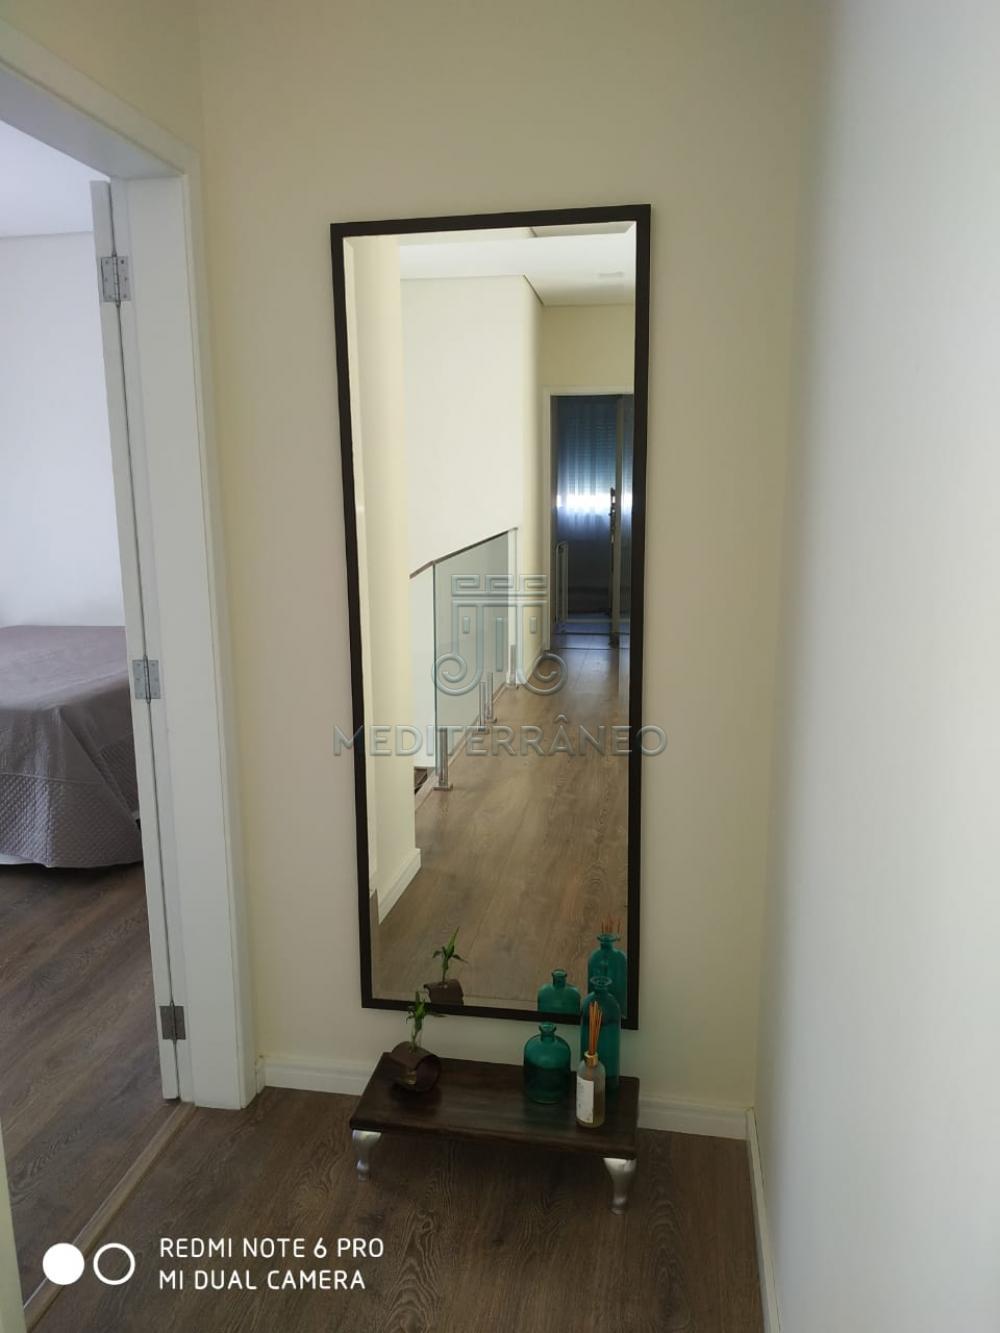 Comprar Casa / Condomínio em Jundiaí apenas R$ 1.690.000,00 - Foto 23